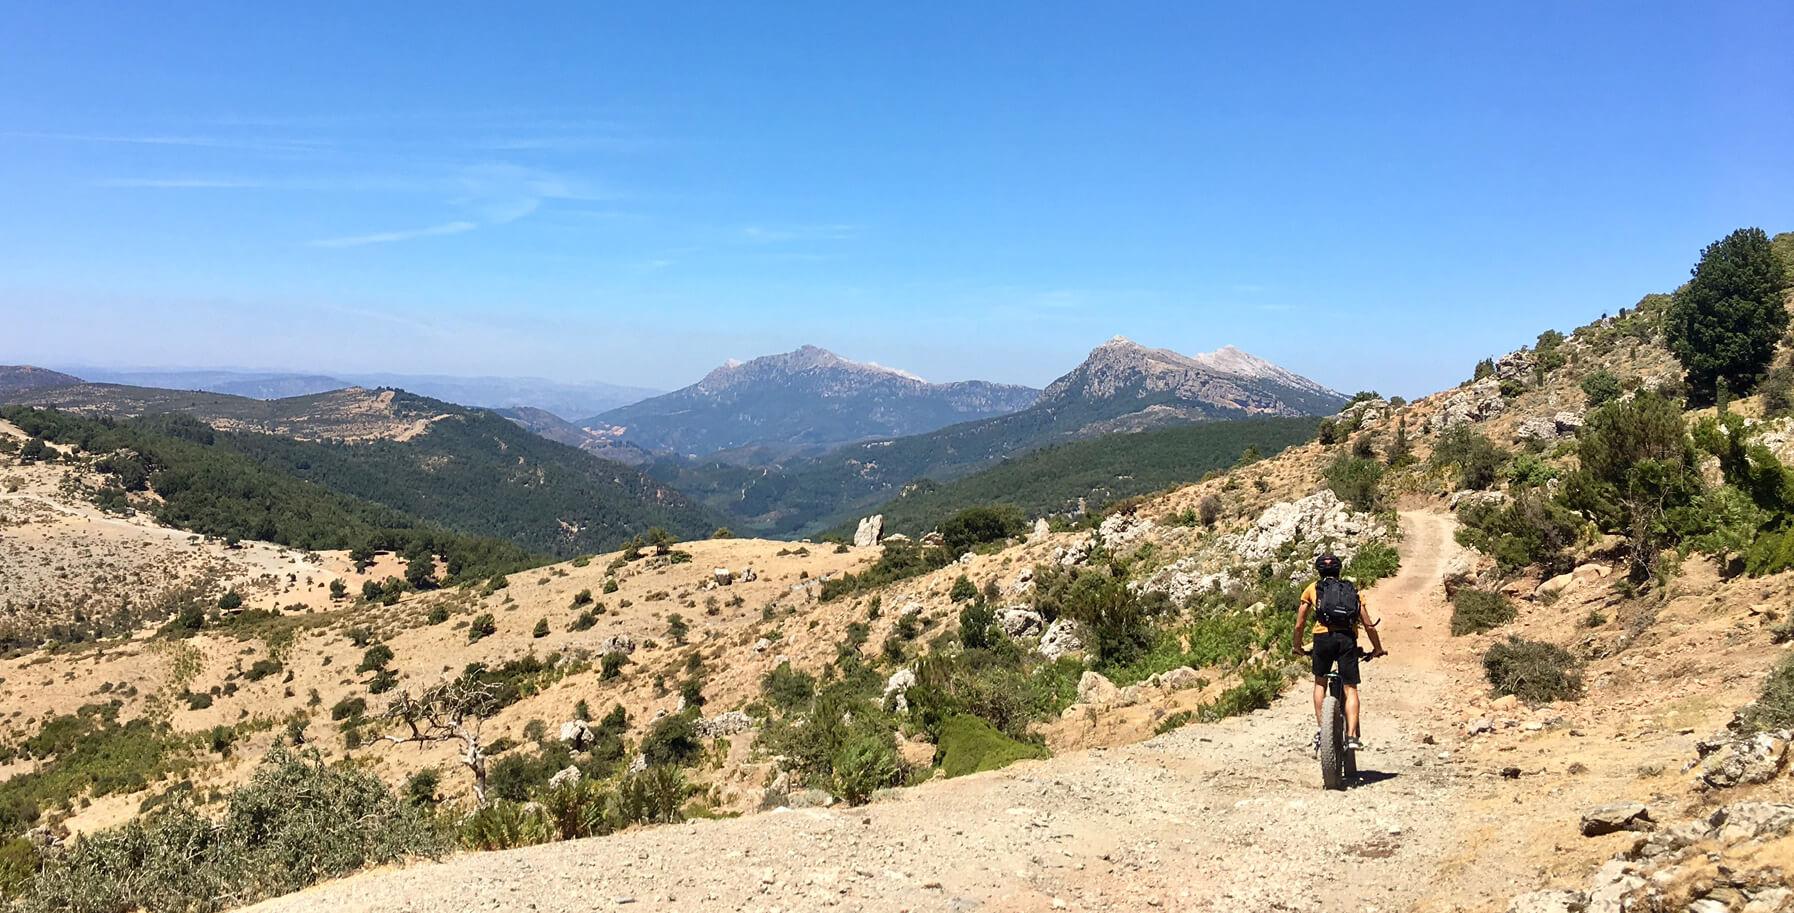 Allenamento Enduro in Sardegna